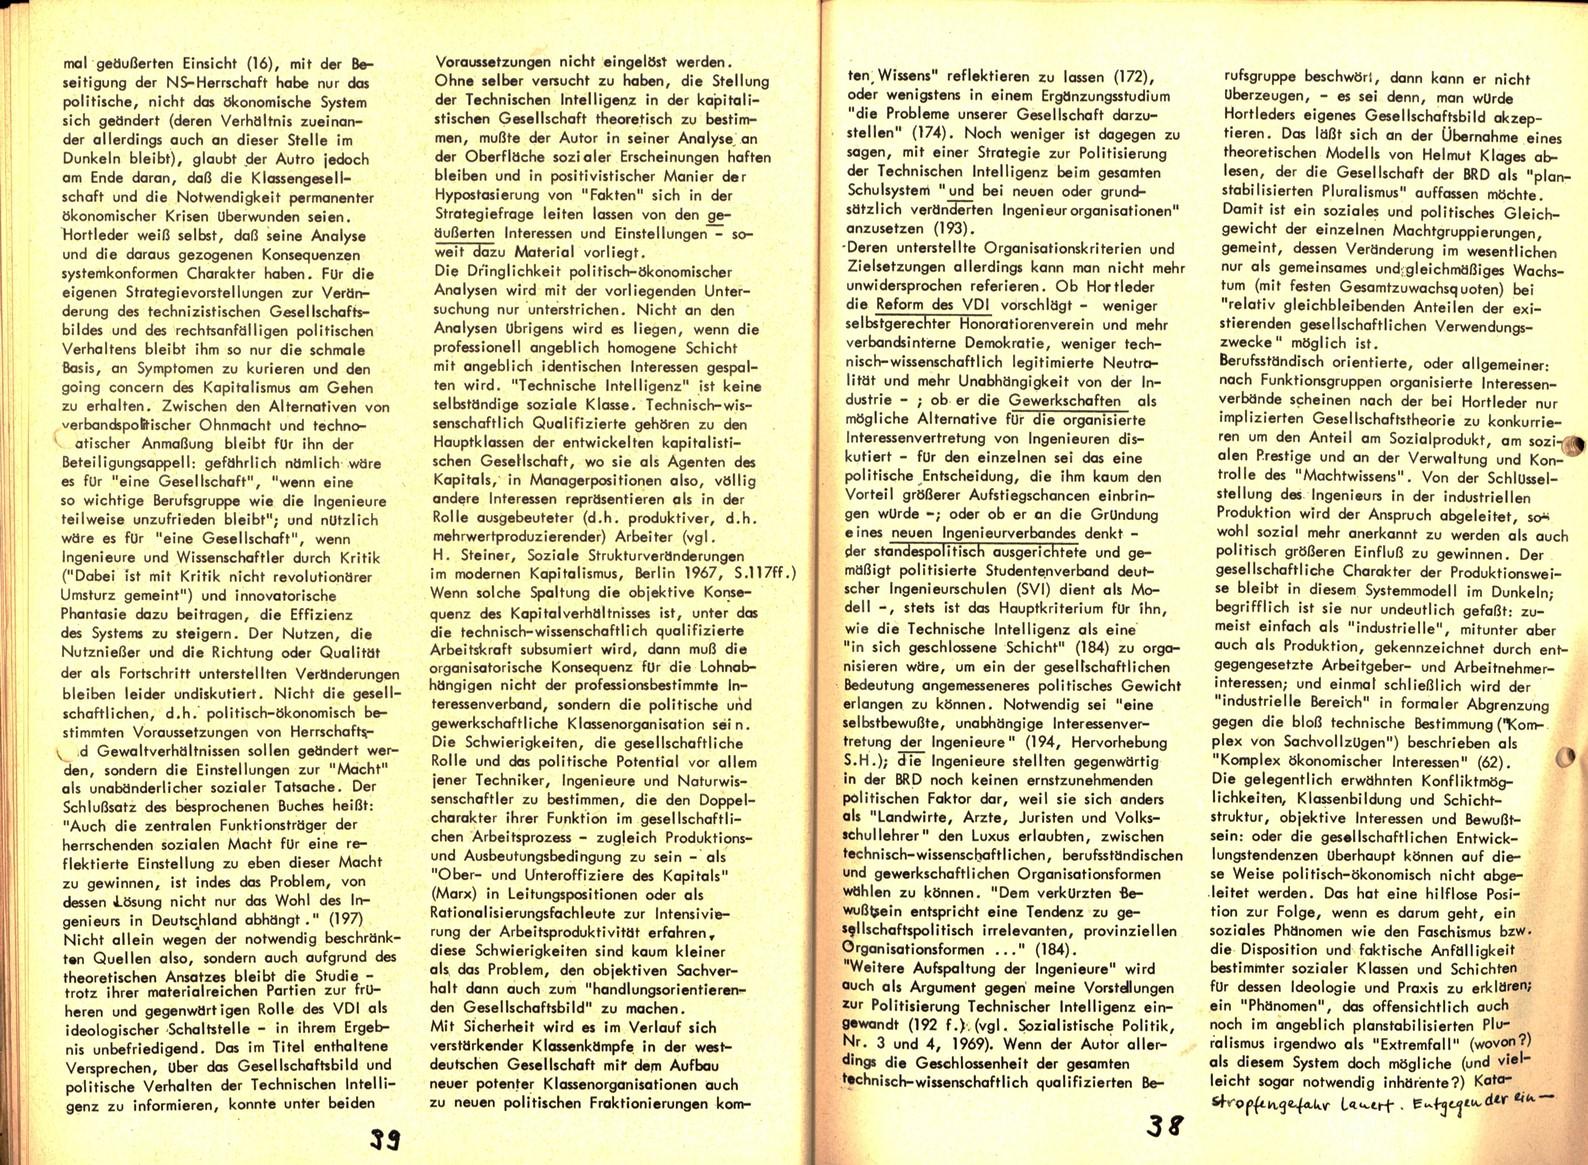 Berlin_Rotzing_1971_Kampfbericht_20